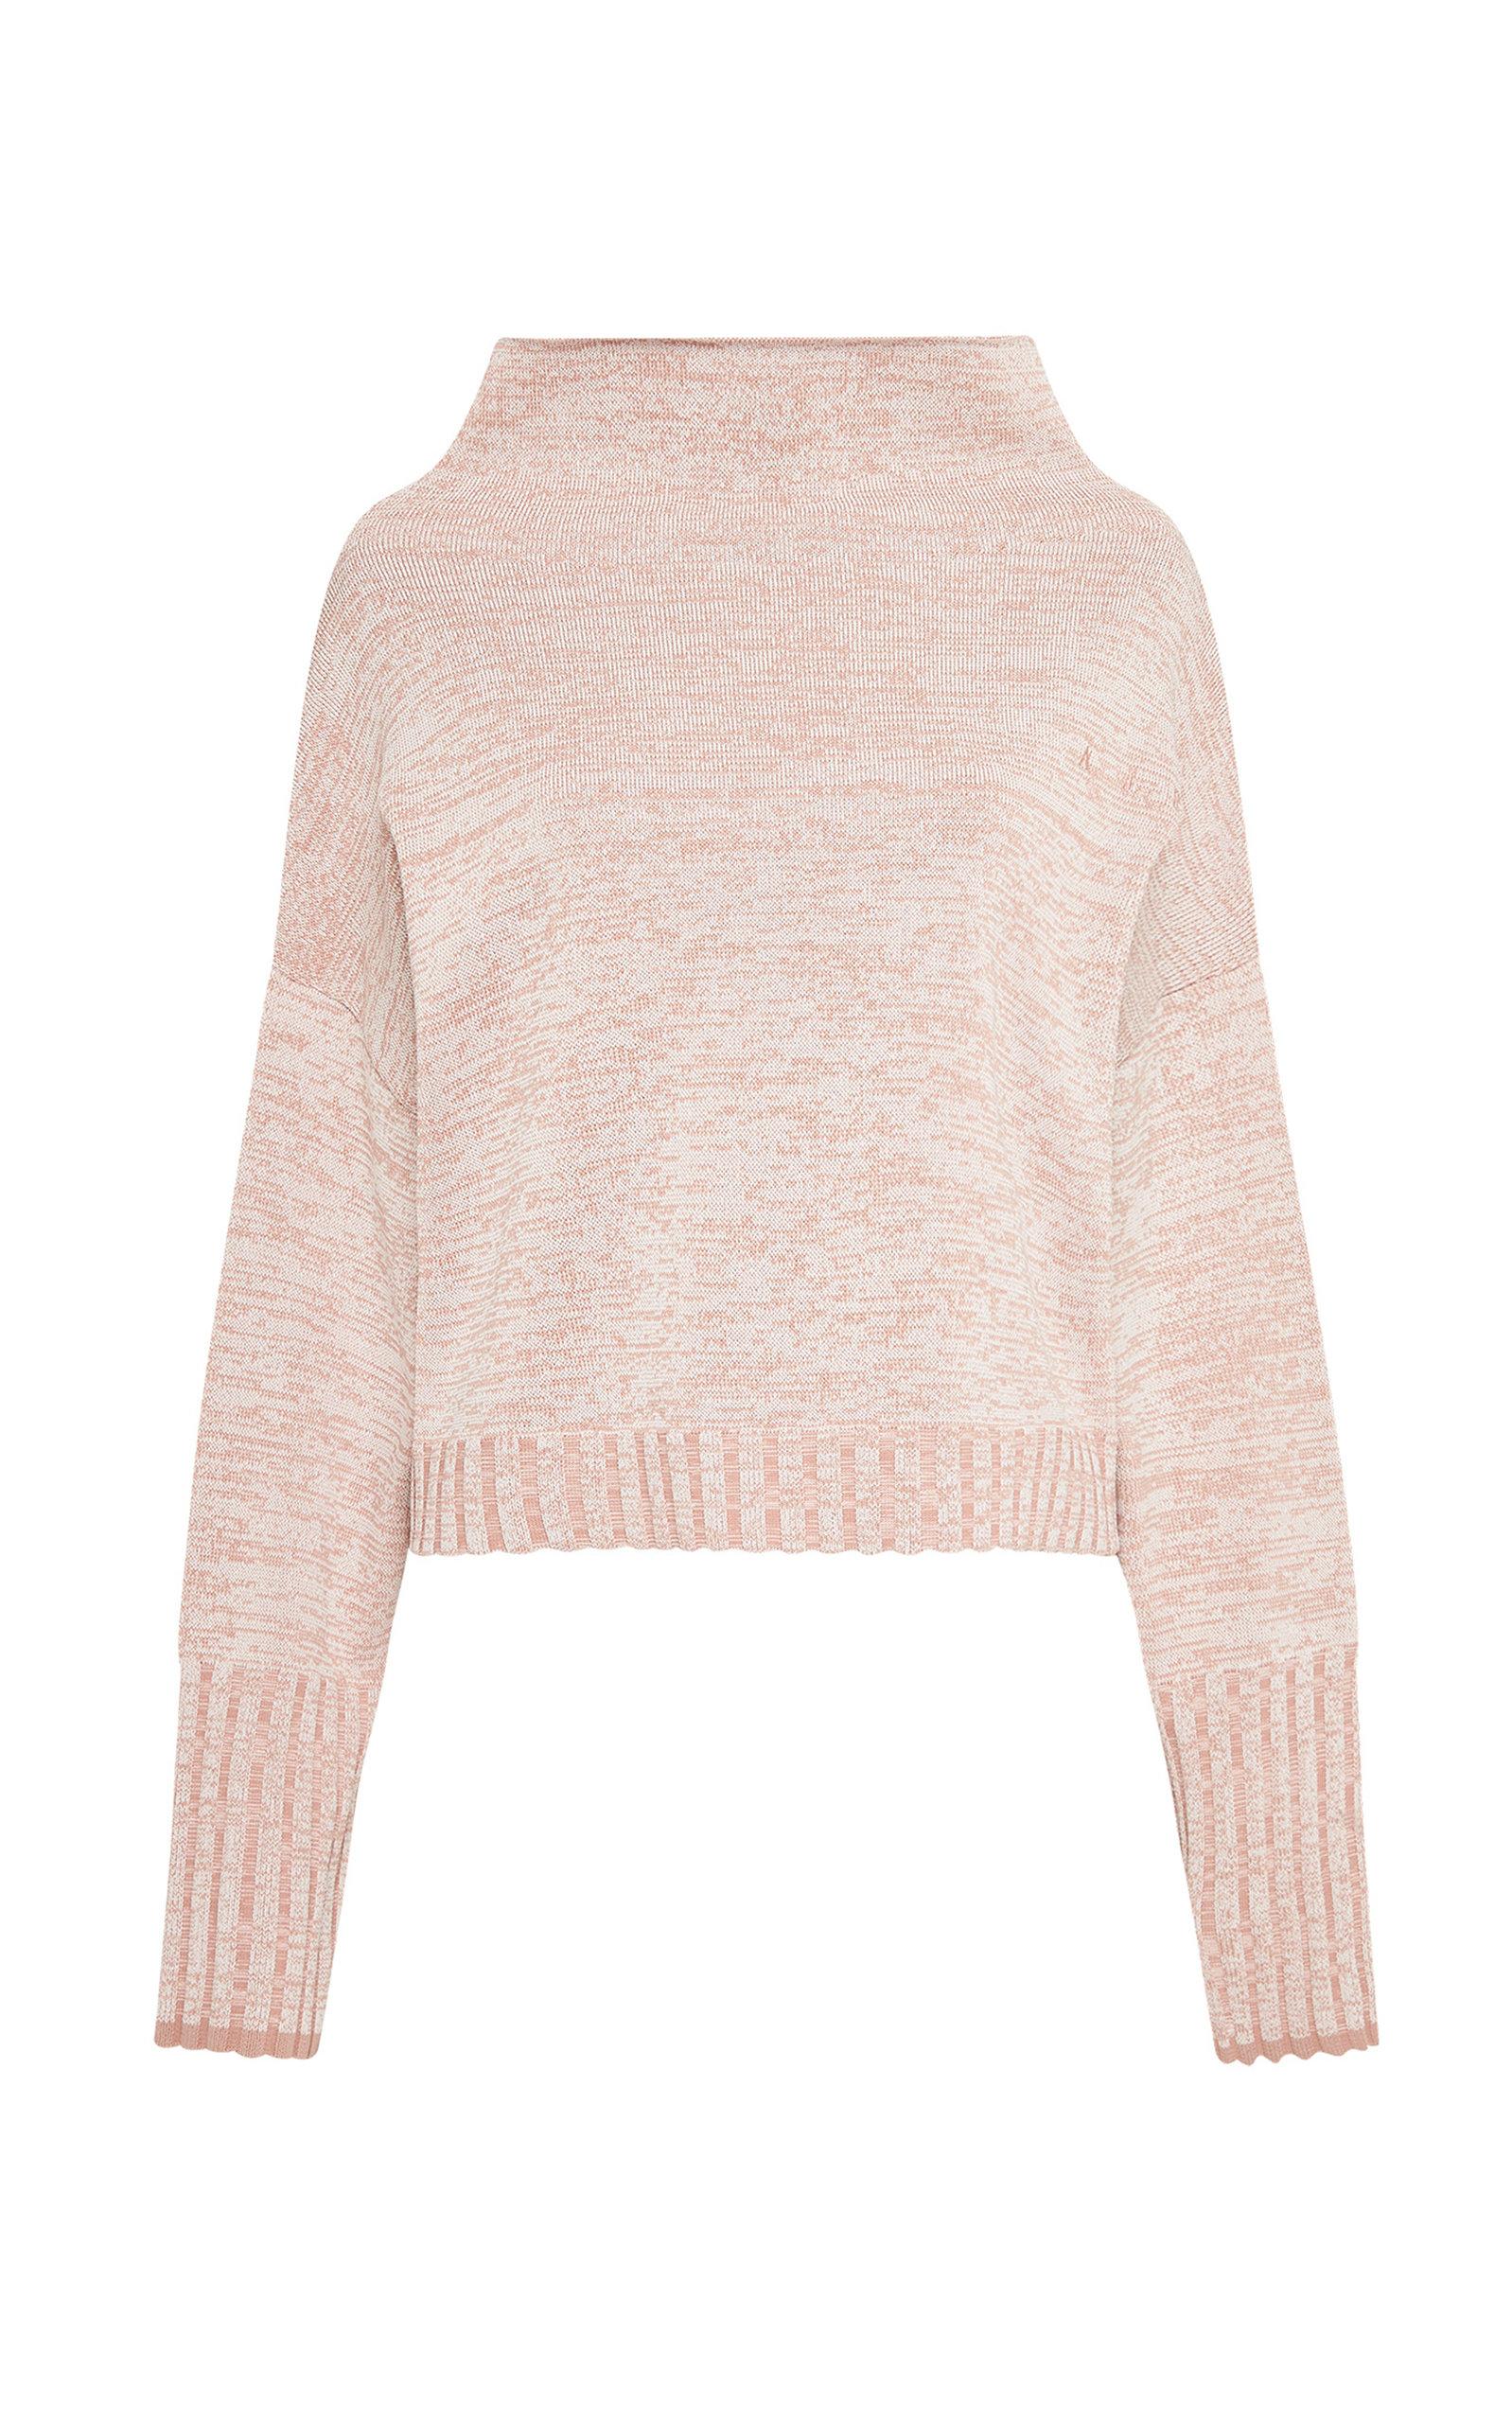 - Women's Jessa Melange Knit Sweater